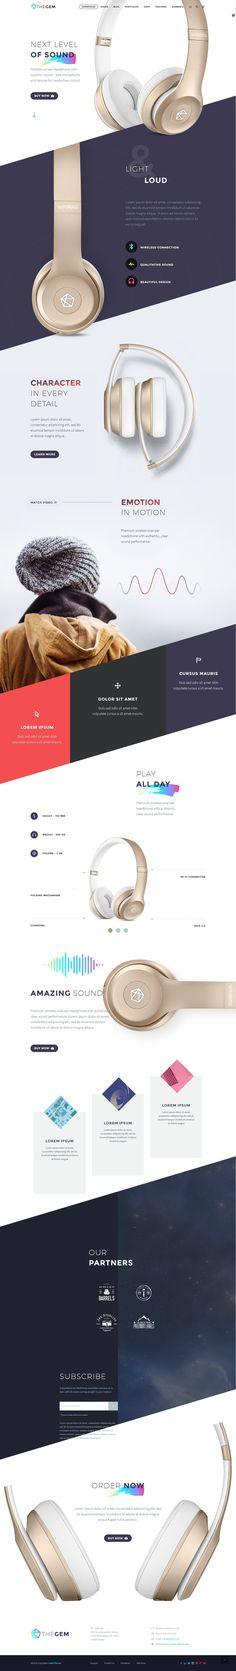 """다음 @Behance 프로젝트 확인: """"Product Landing - Template"""" https://www.behance.net/gallery/42996203/Product-Landing-Template"""